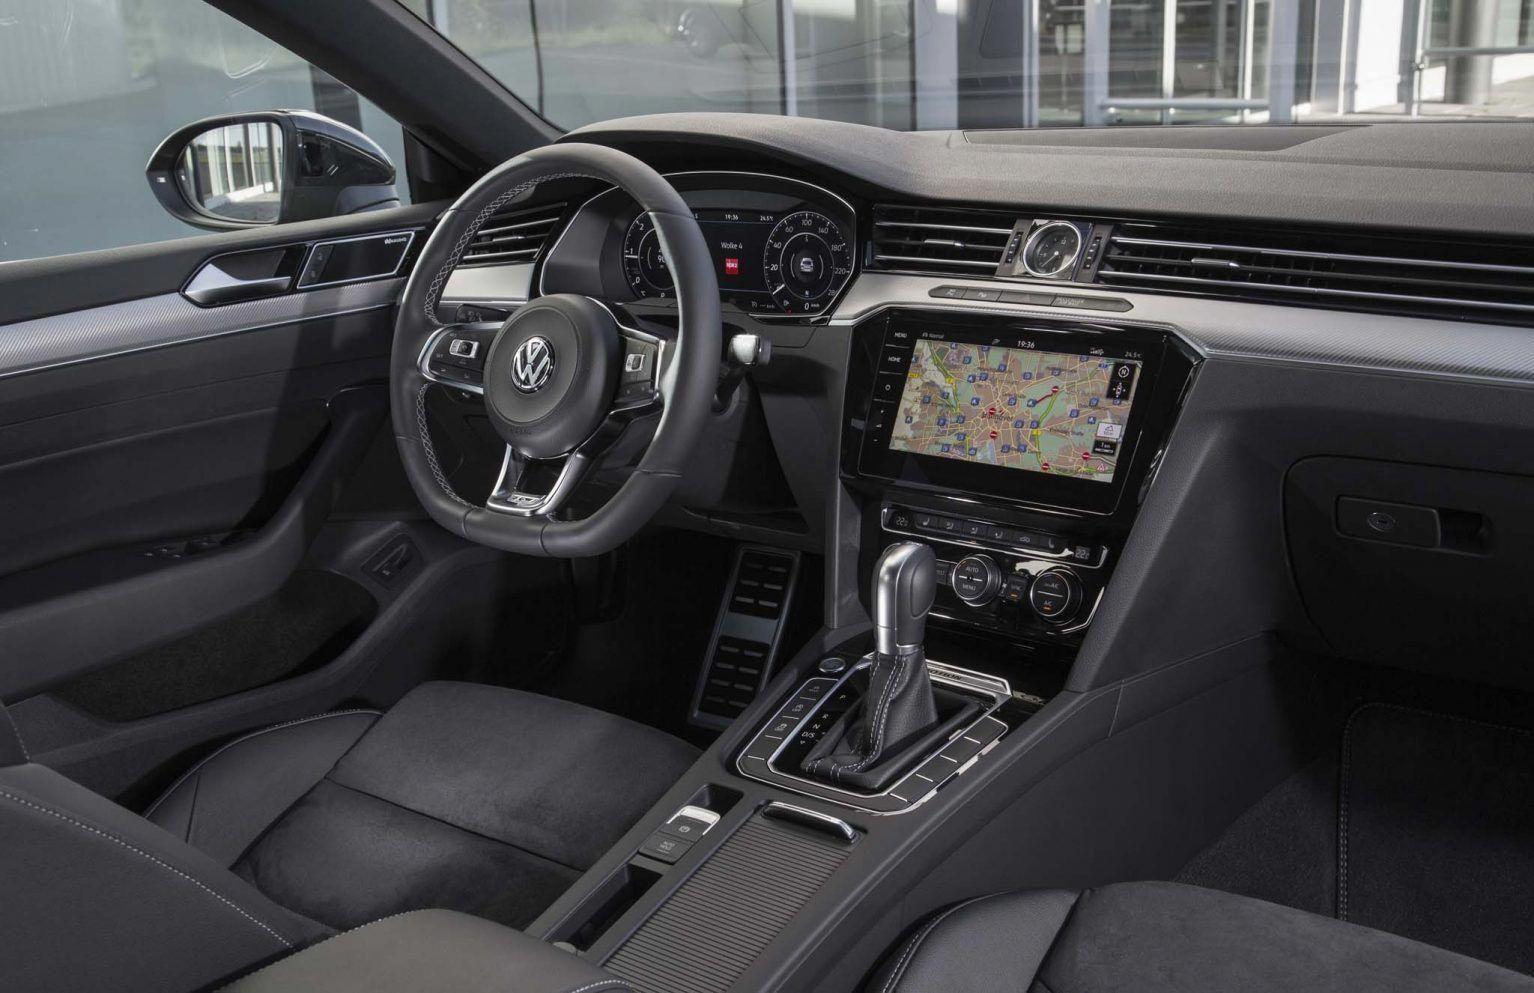 VolkswagenPassat Volkswagen passat, Volkswagen, Vw passat